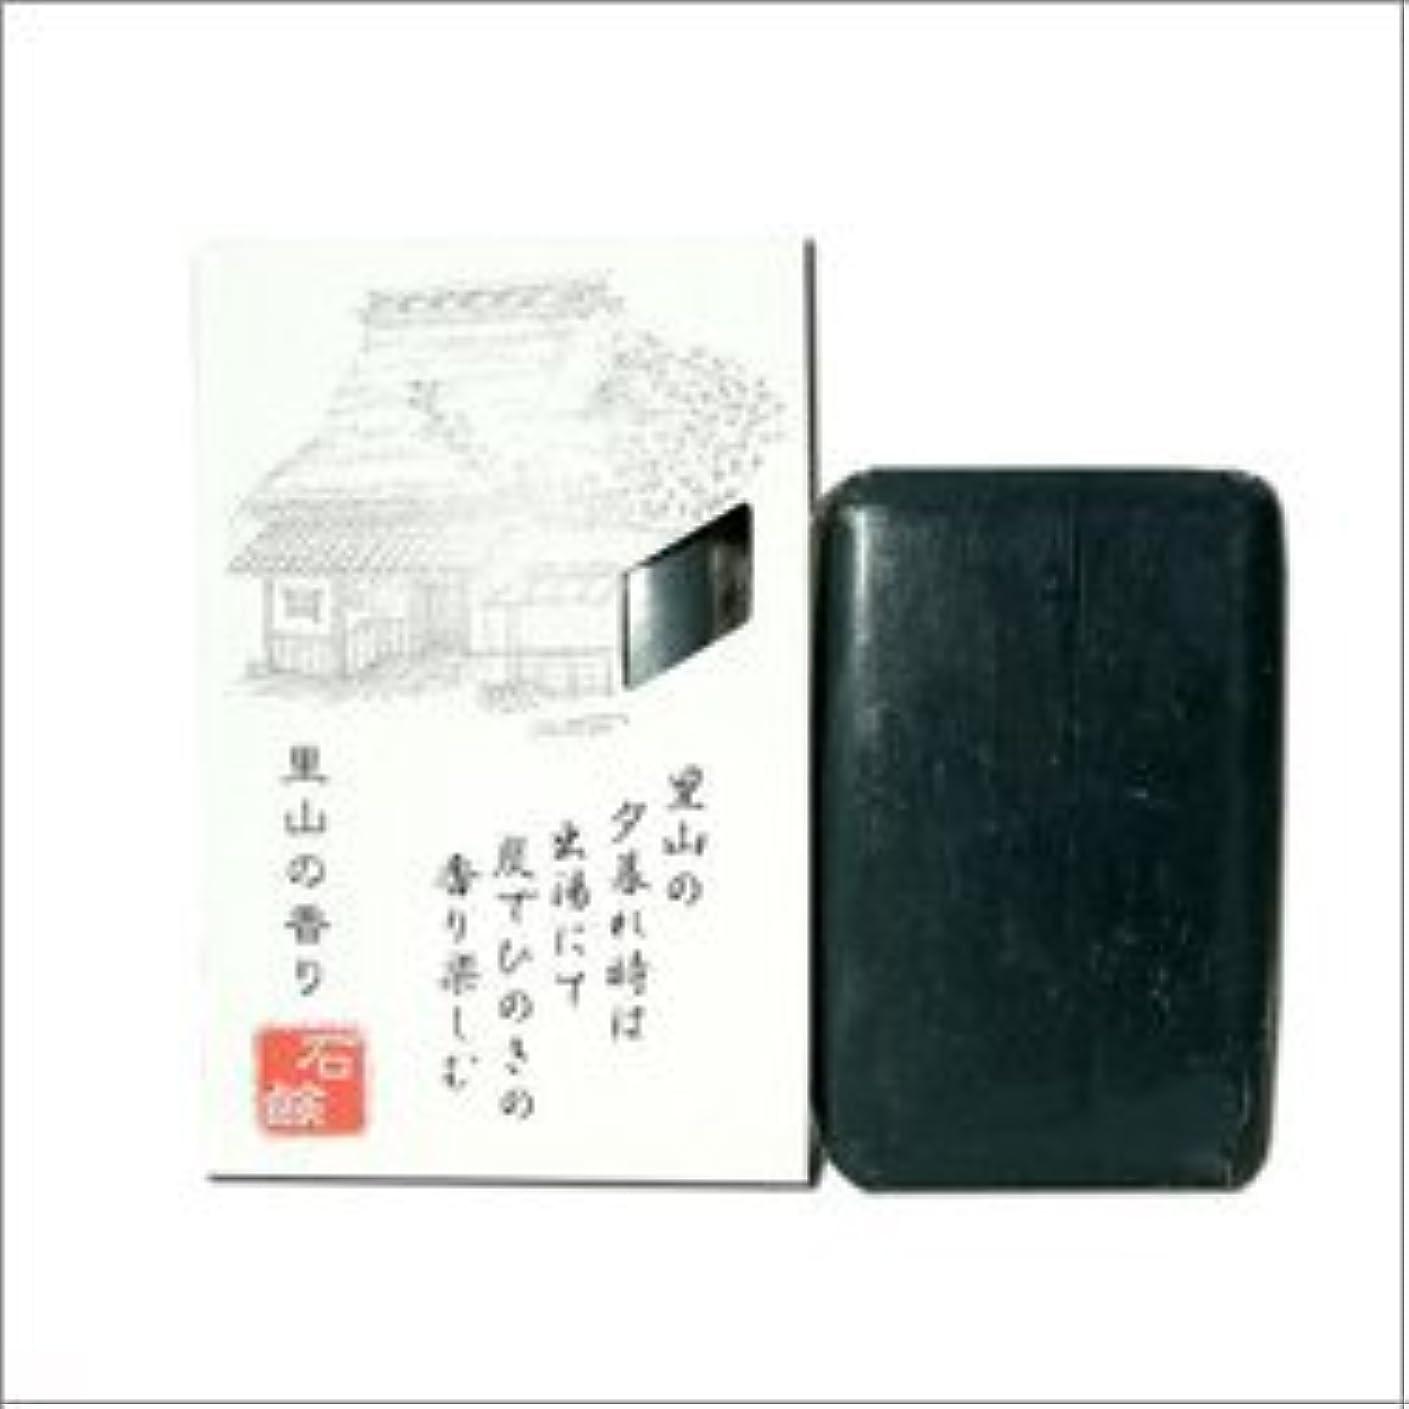 ハシー雨のたぶんROTTS 里山の香り石鹸 100g 【5個セット】